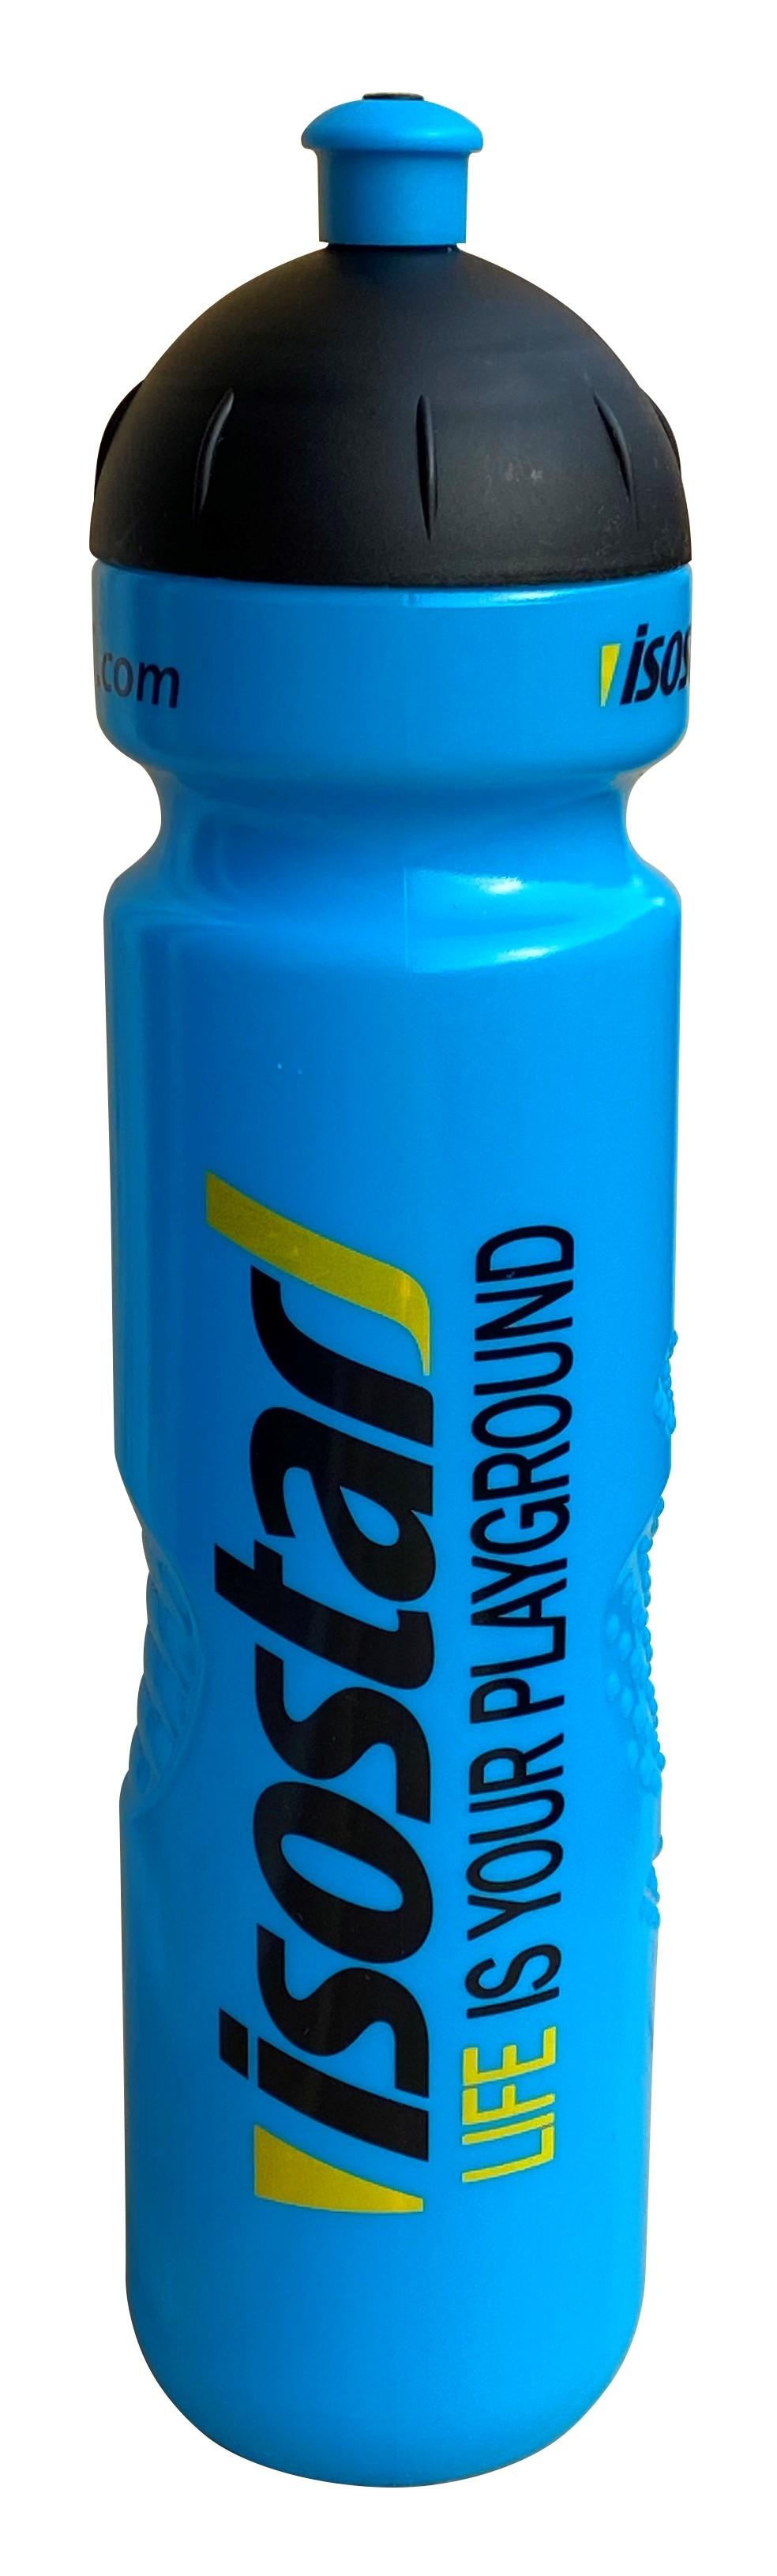 láhev ISOSTAR 1 l, výsuvný vršek, modrá